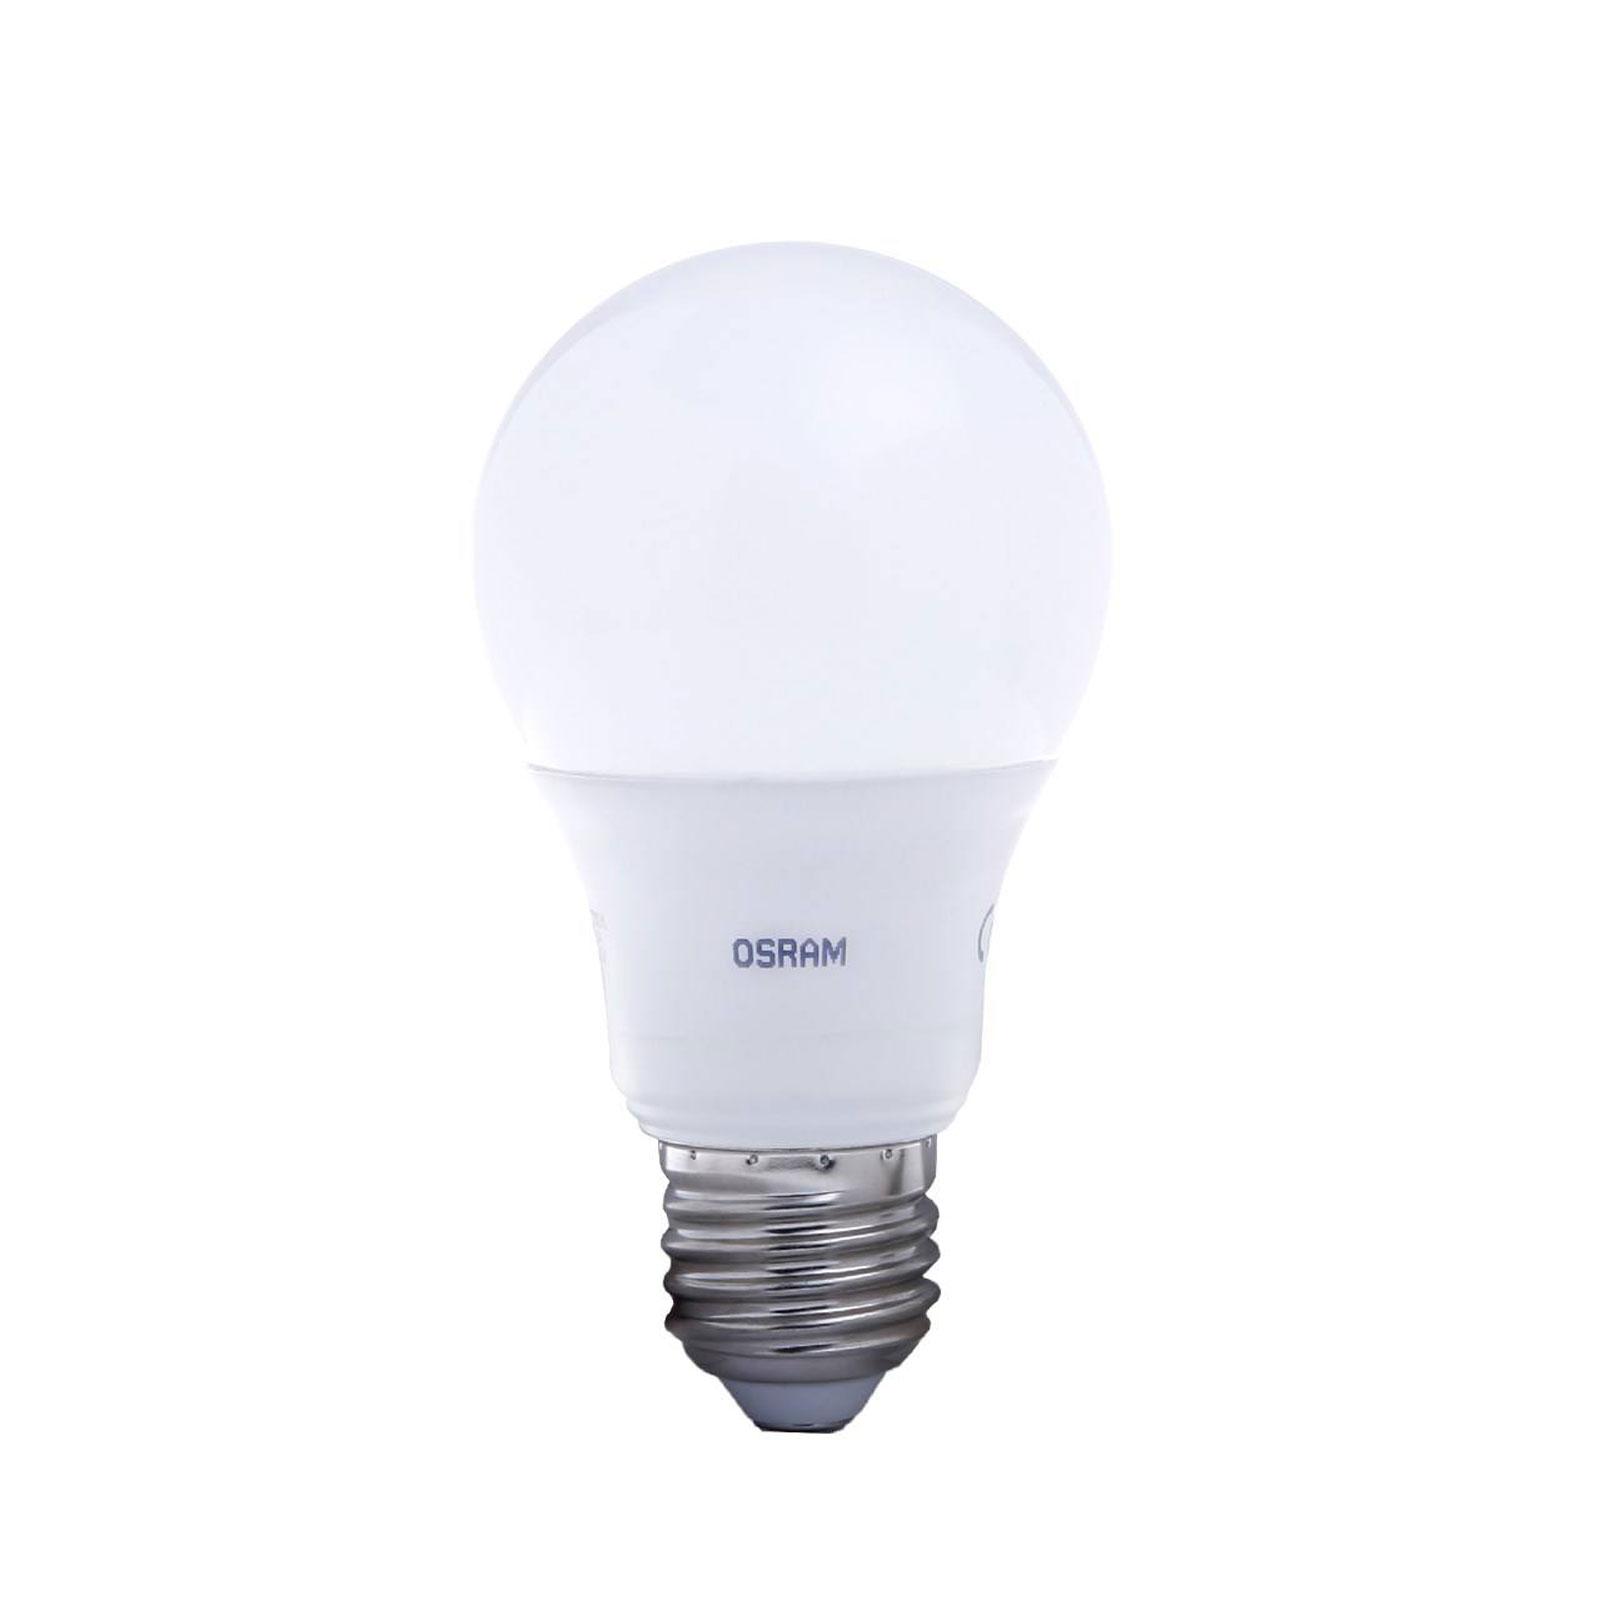 لامپ حبابی 8.5 وات اسرام